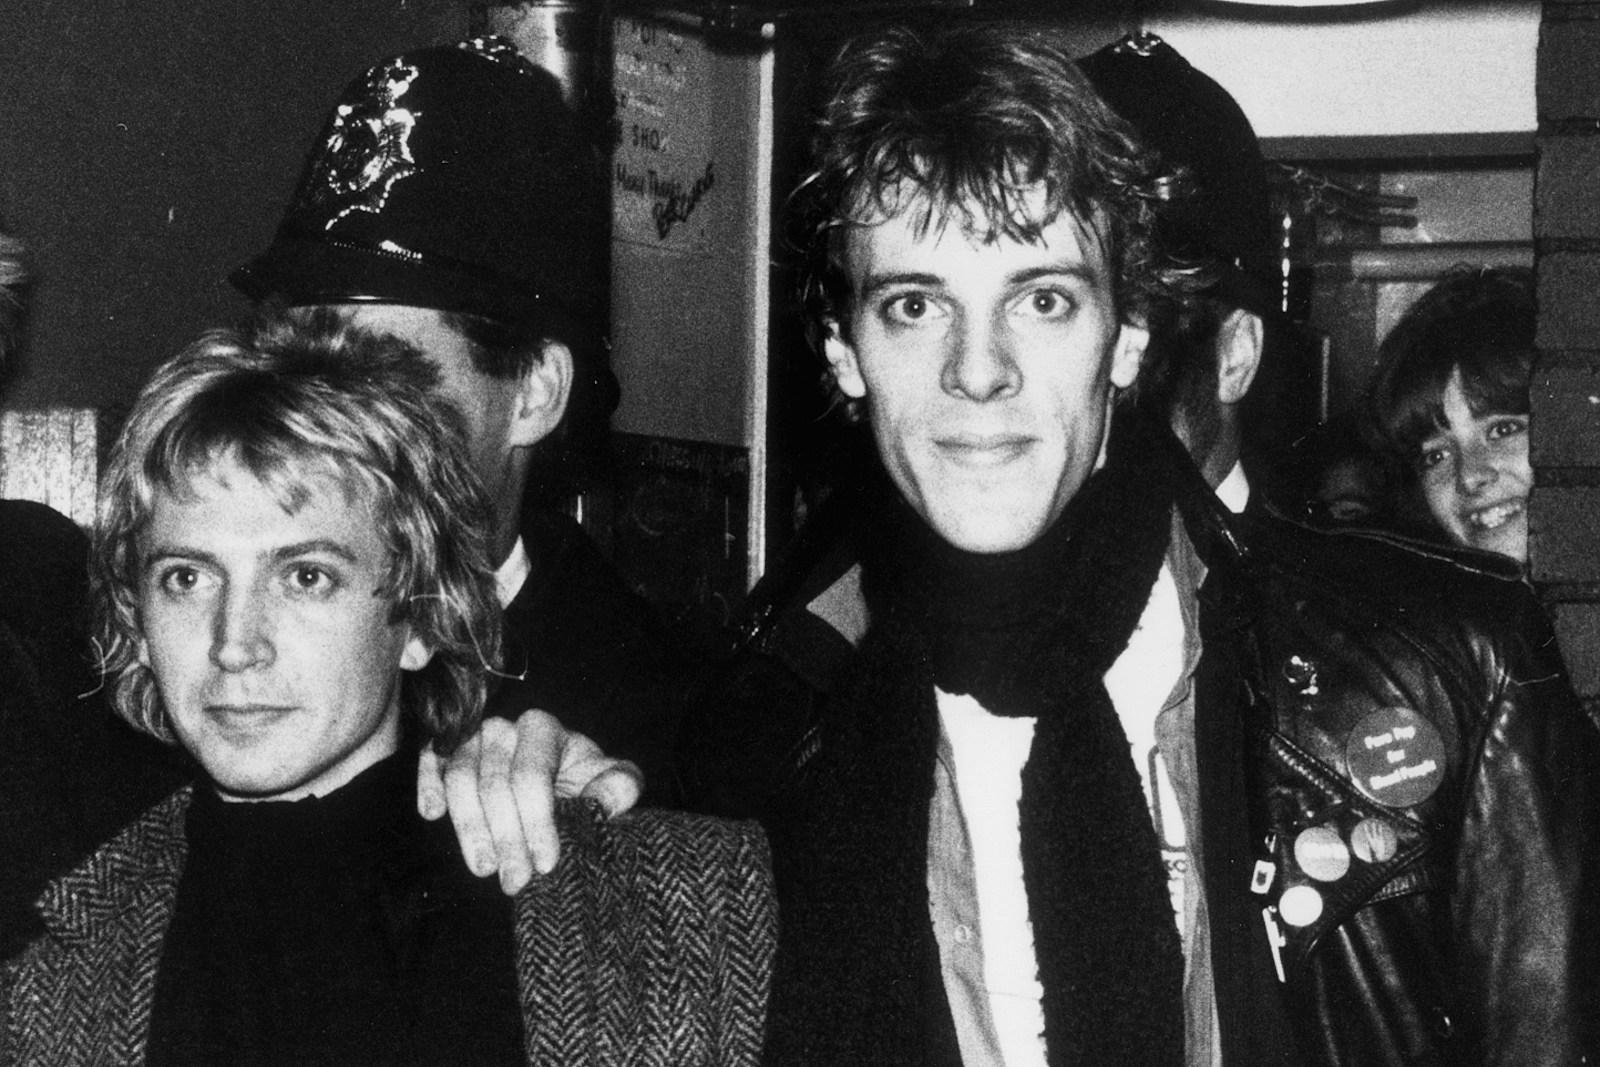 Stewart Copeland Recalls Andy Summers' 'Annoying' Habit